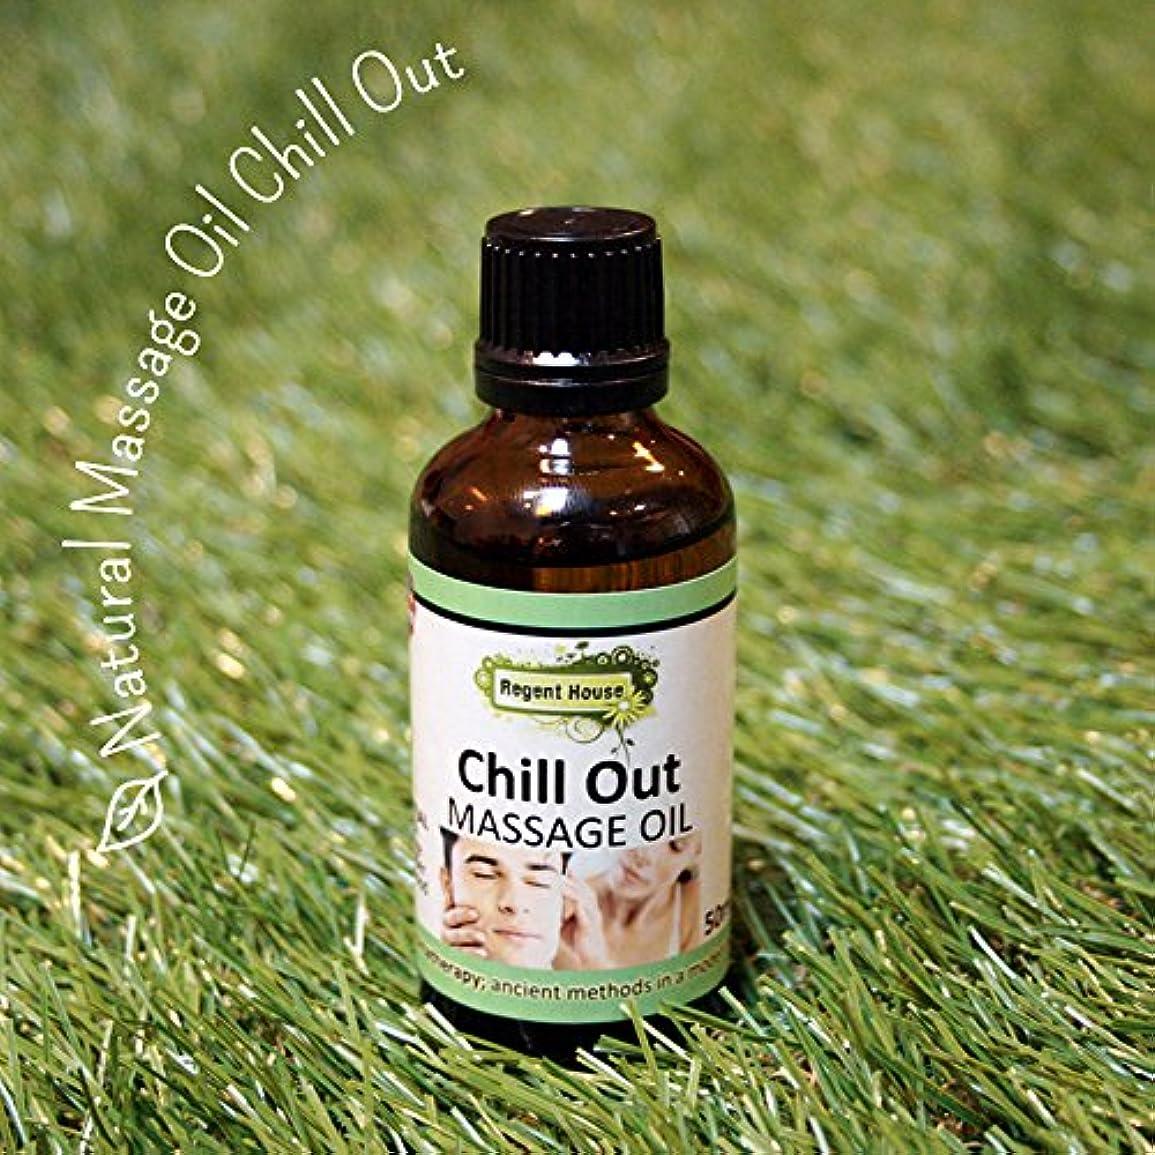 ベル話す不変貴重なローズウッドを、たっぷり配合しました。 アロマ ナチュラル マッサージオイル 50ml チルアウト(Aroma Massage Oil Chill Out)